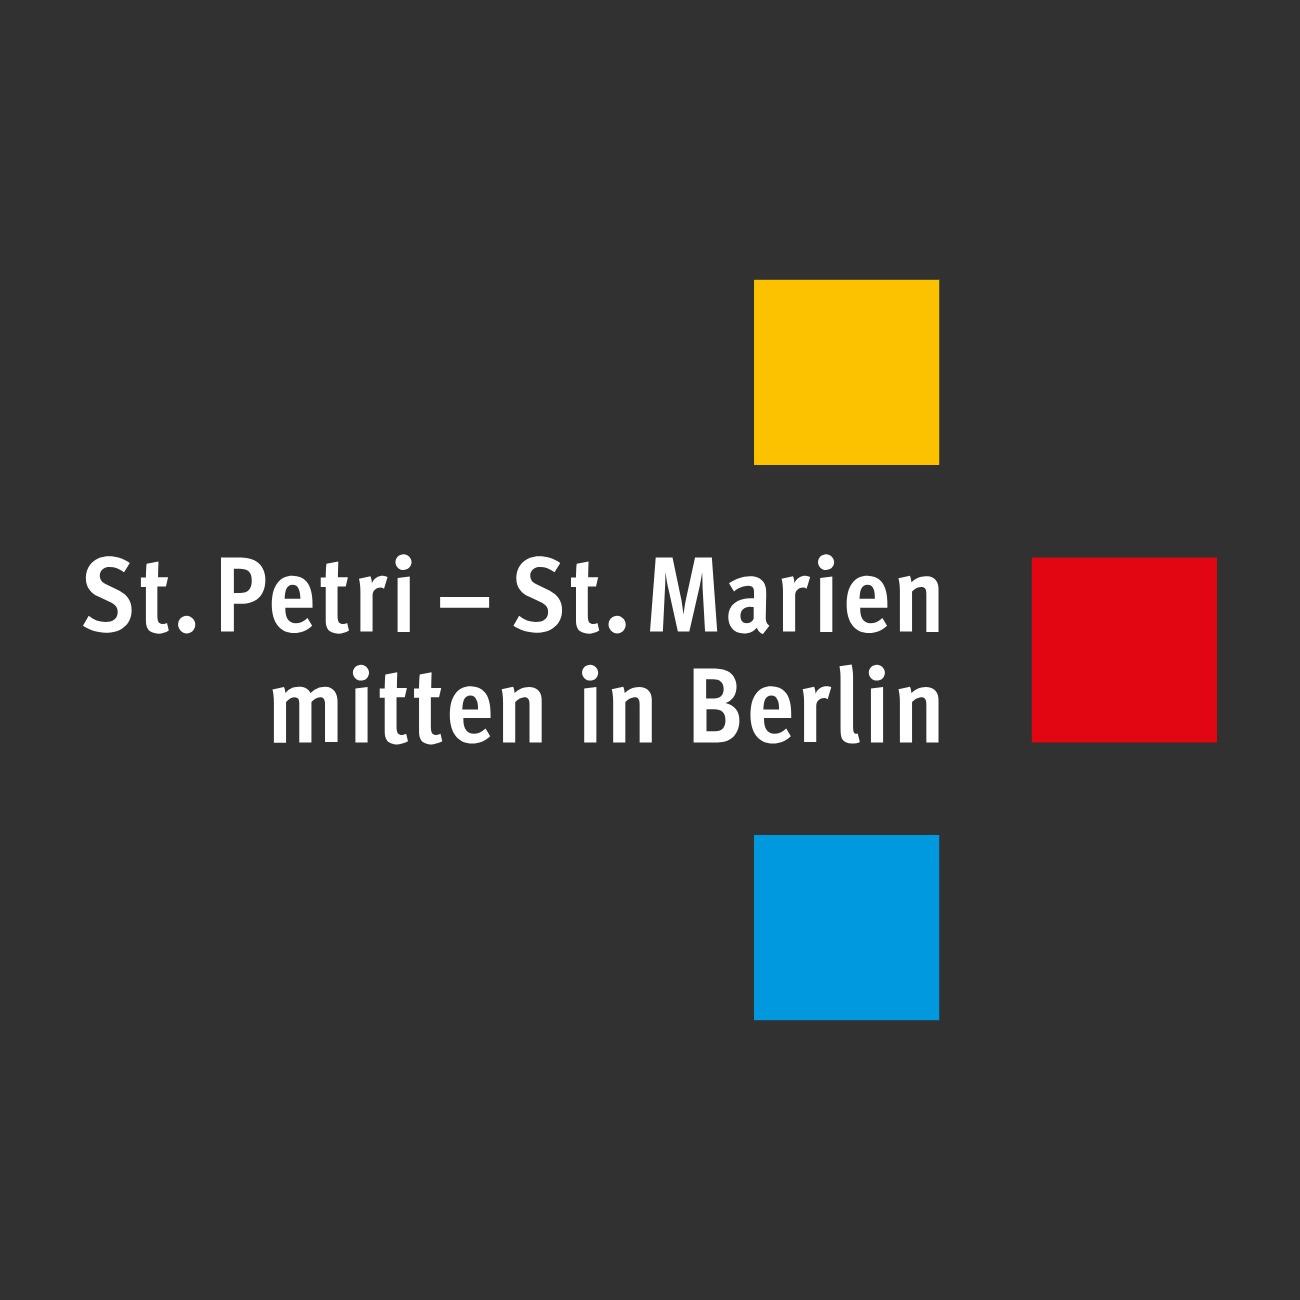 evangelische kirschengemeinde st petri st marien